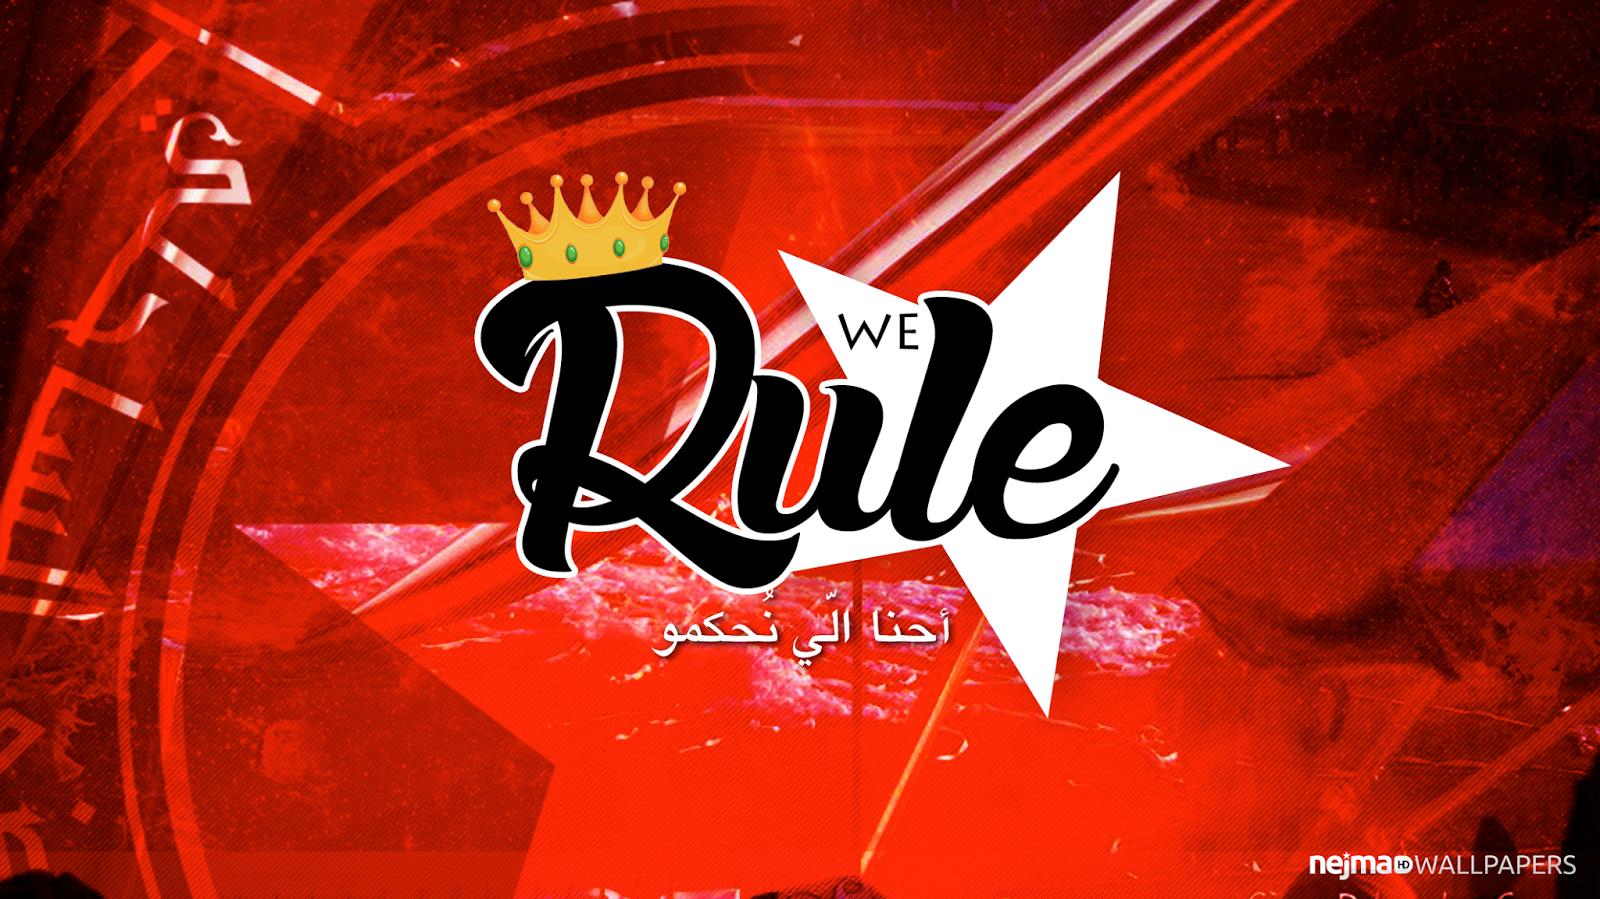 WE Rule Nejma HD Wallpapers 1600x899